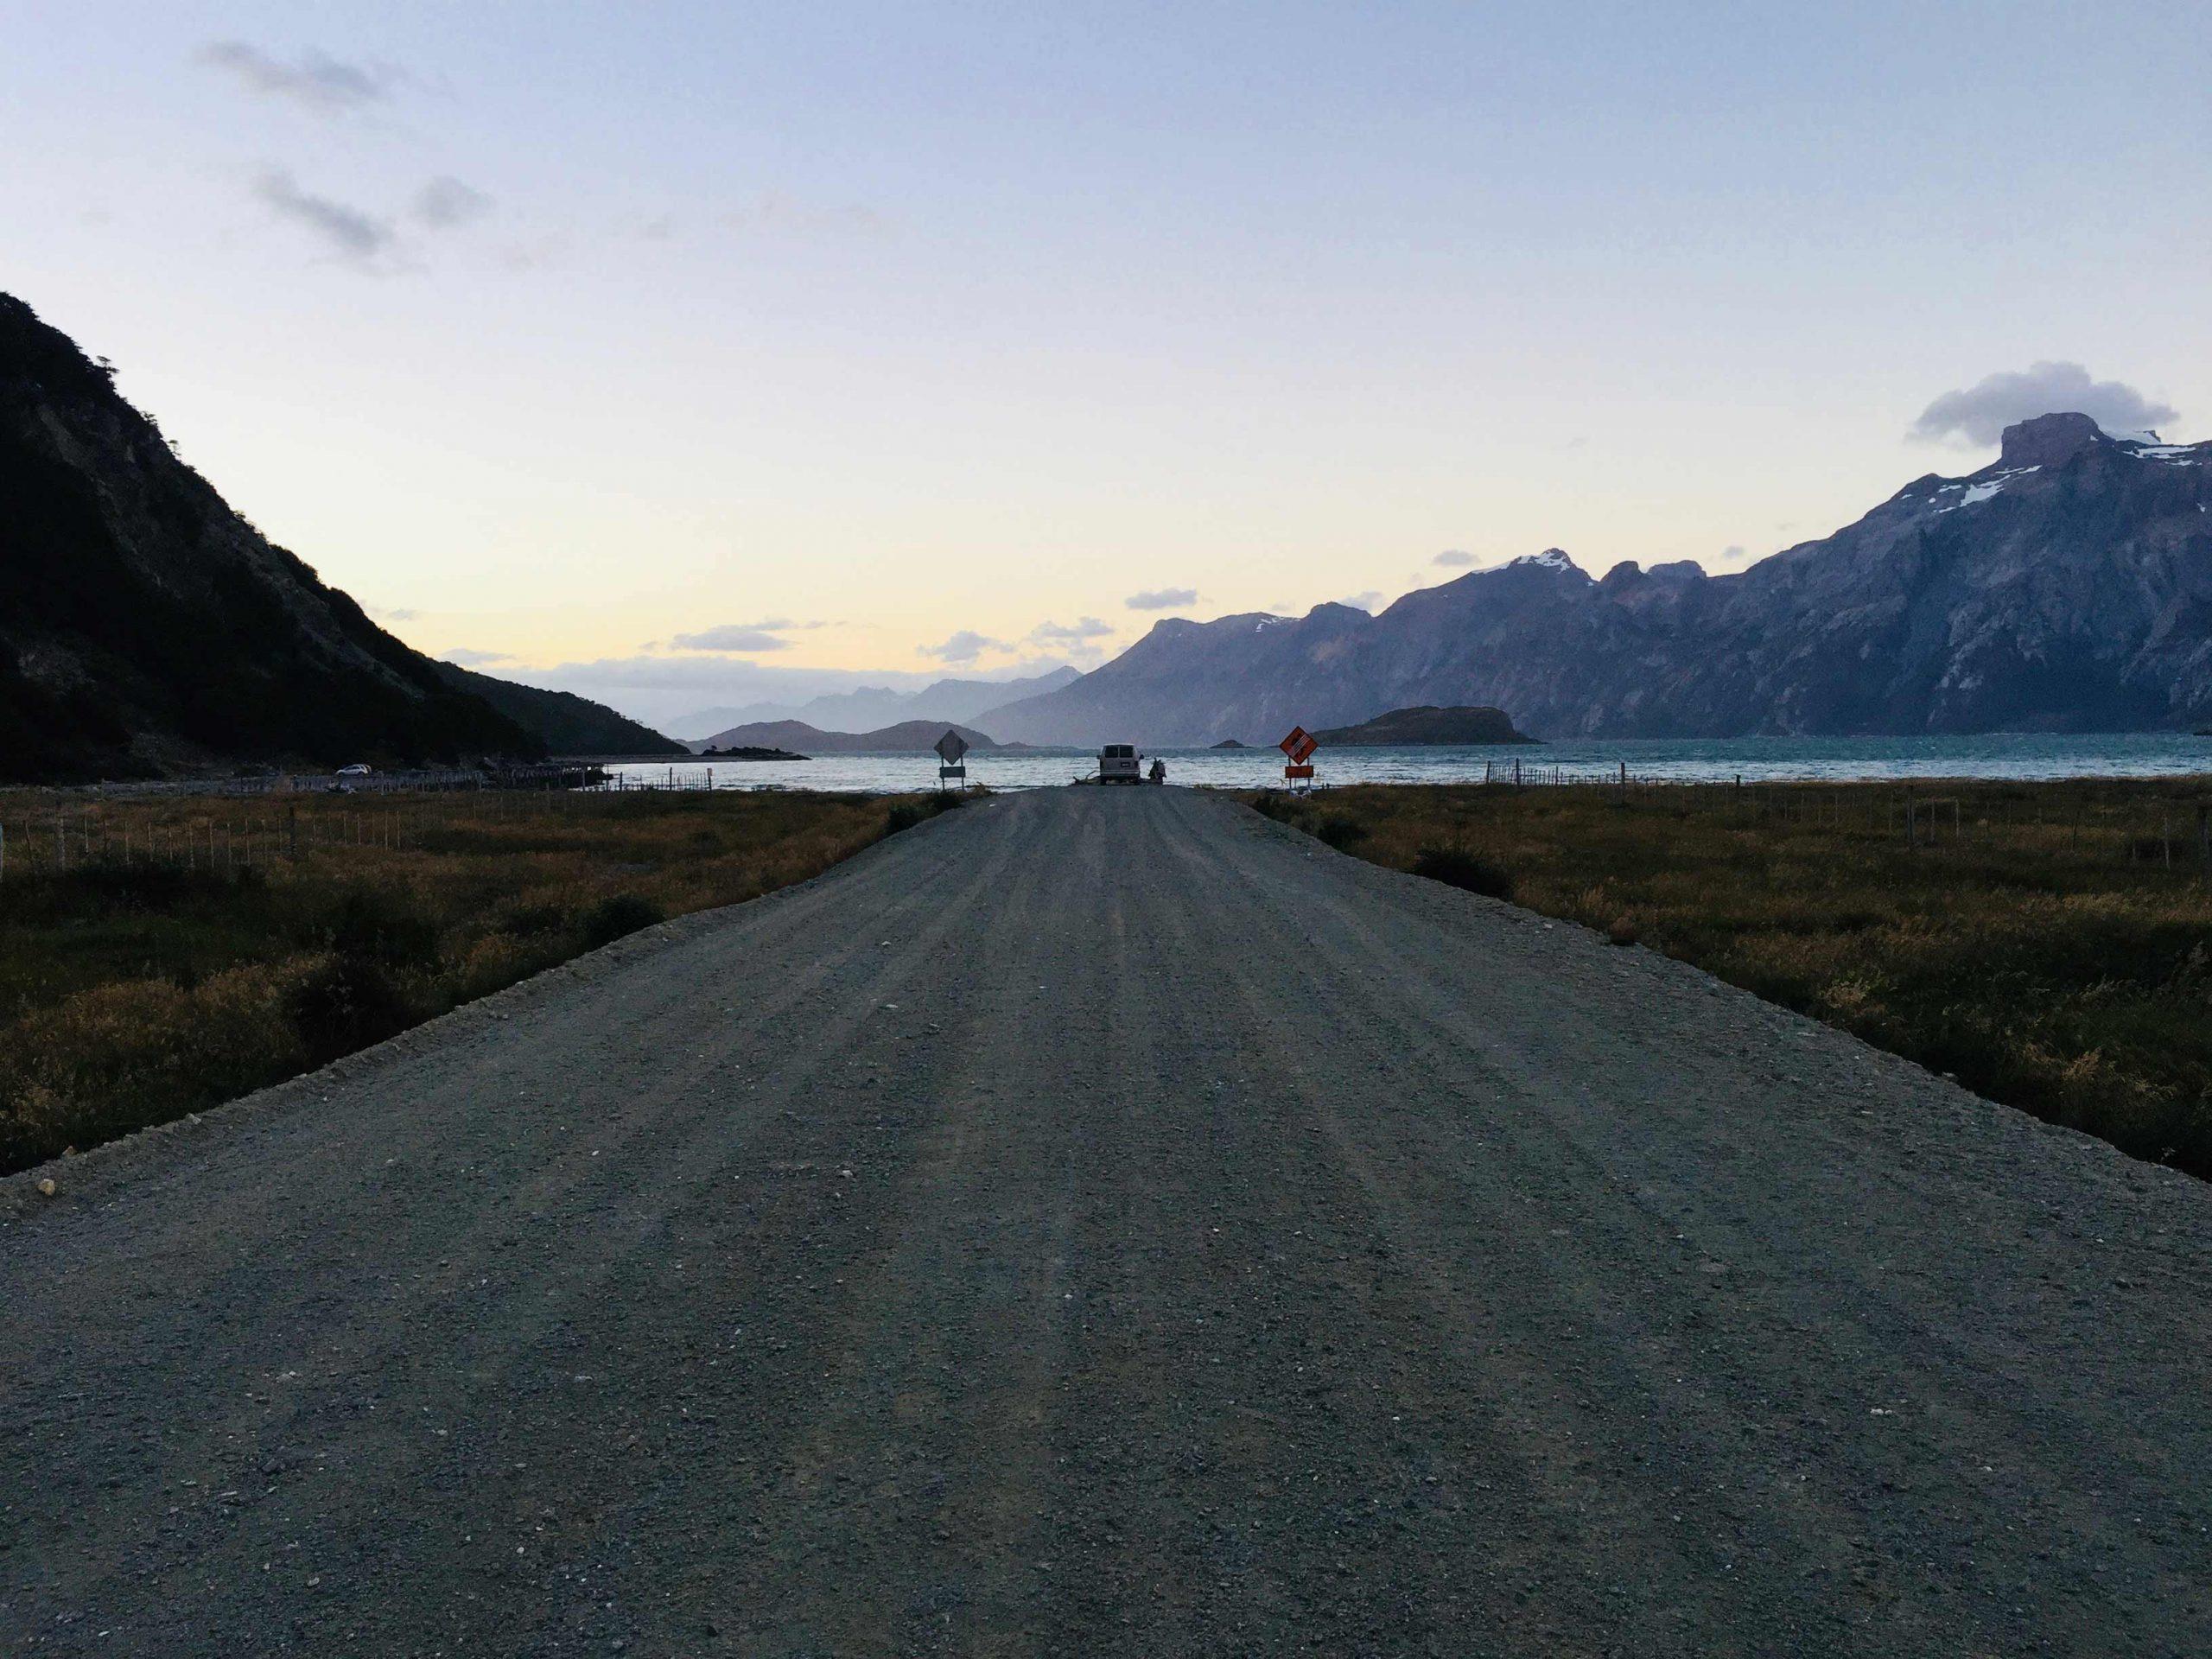 TDF-Road-To-Lake-6-23-20